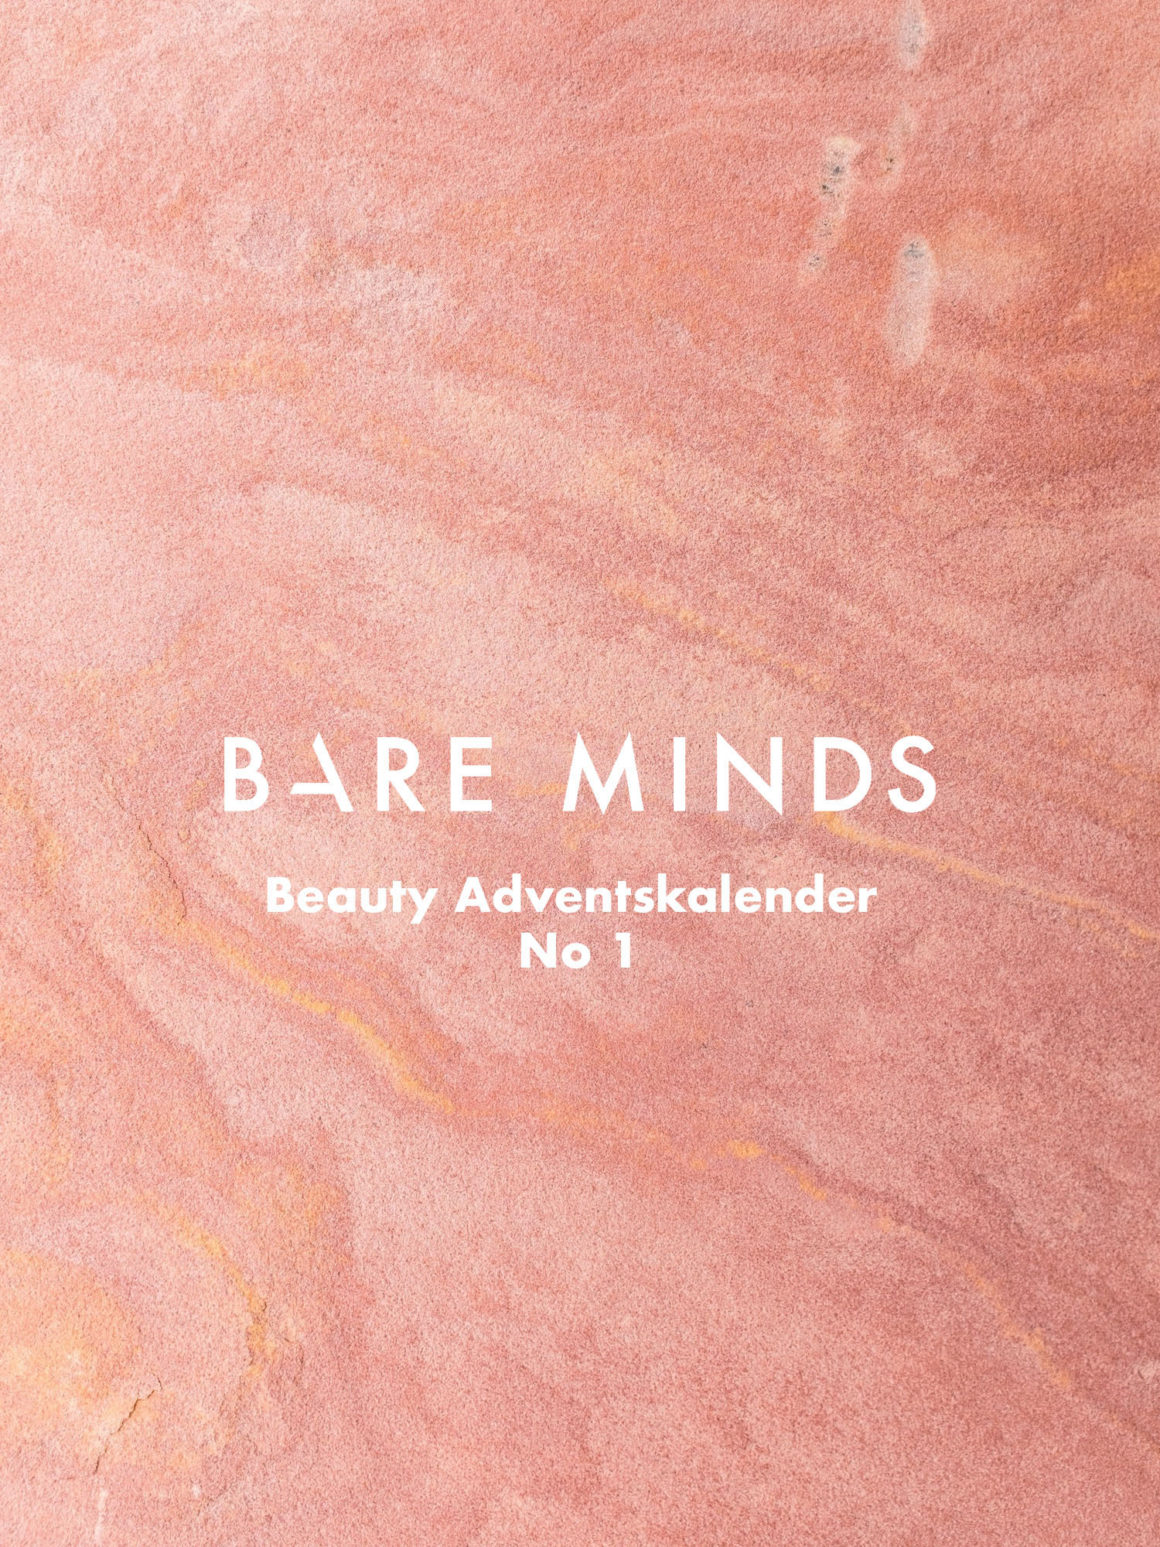 Bare Minds Beauty Adventskalender 2019 01_